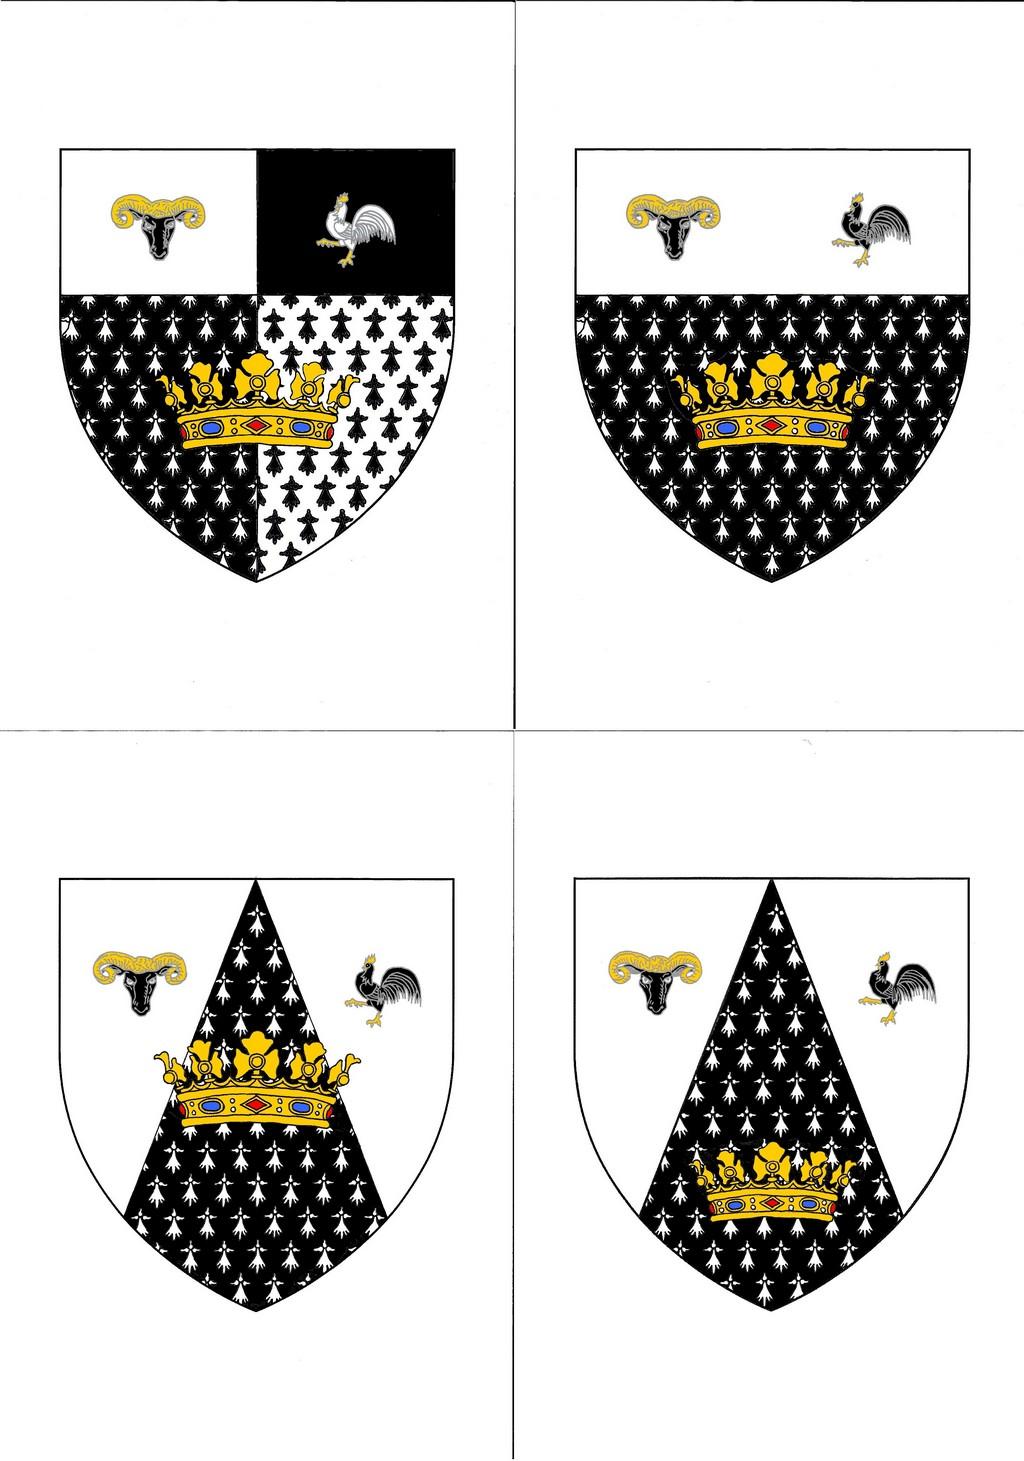 Création de nouvelles armoiries - Projet illustré - Page 2 Les_4_11